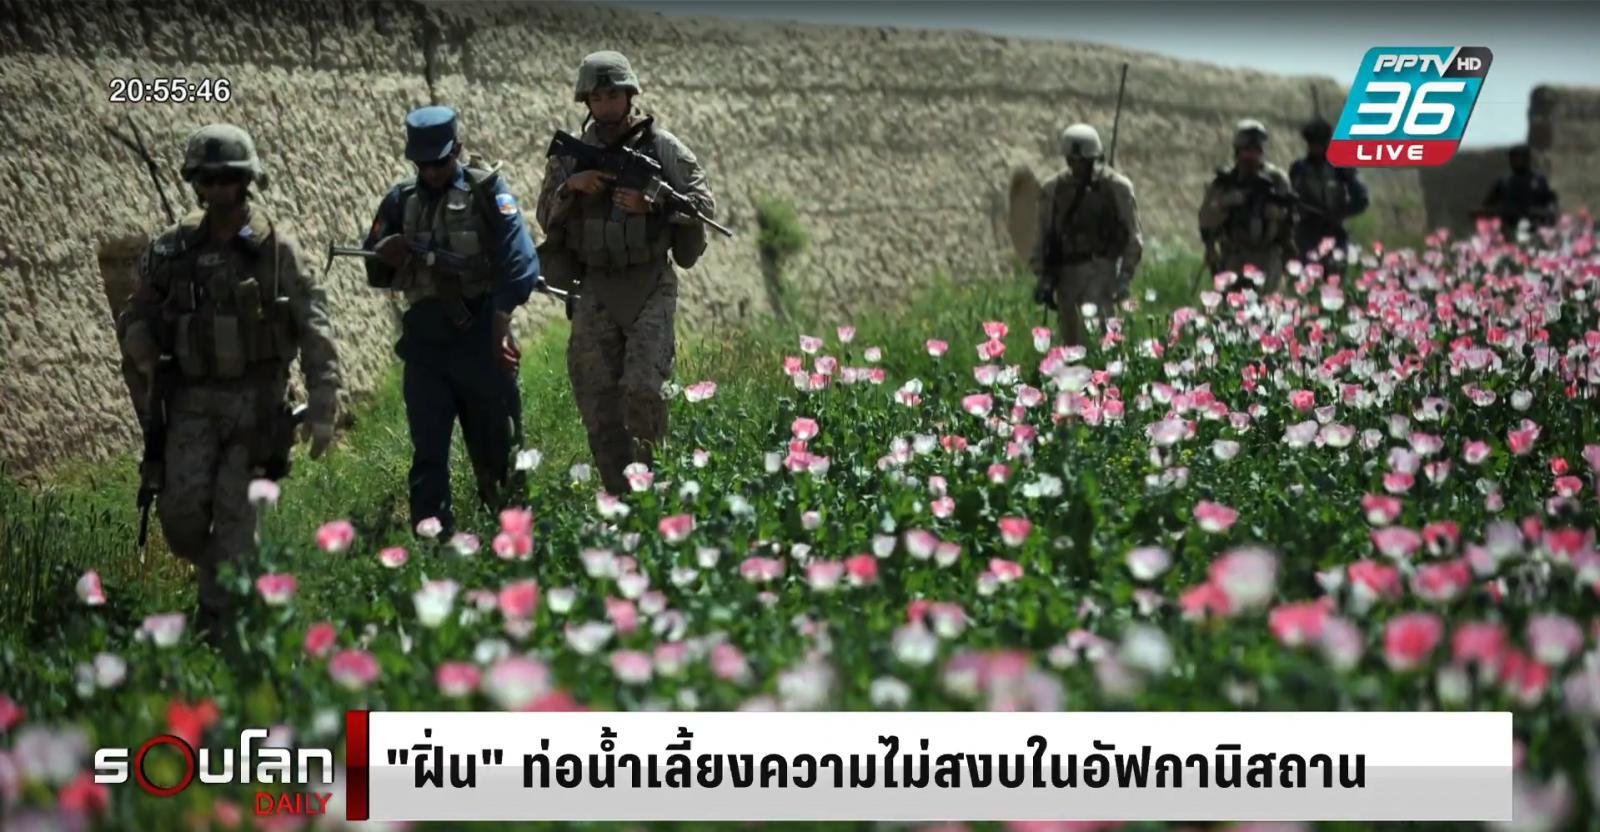 """""""ฝิ่น"""" ท่อน้ำเลี้ยงความไม่สงบใน อัฟกานิสถาน"""